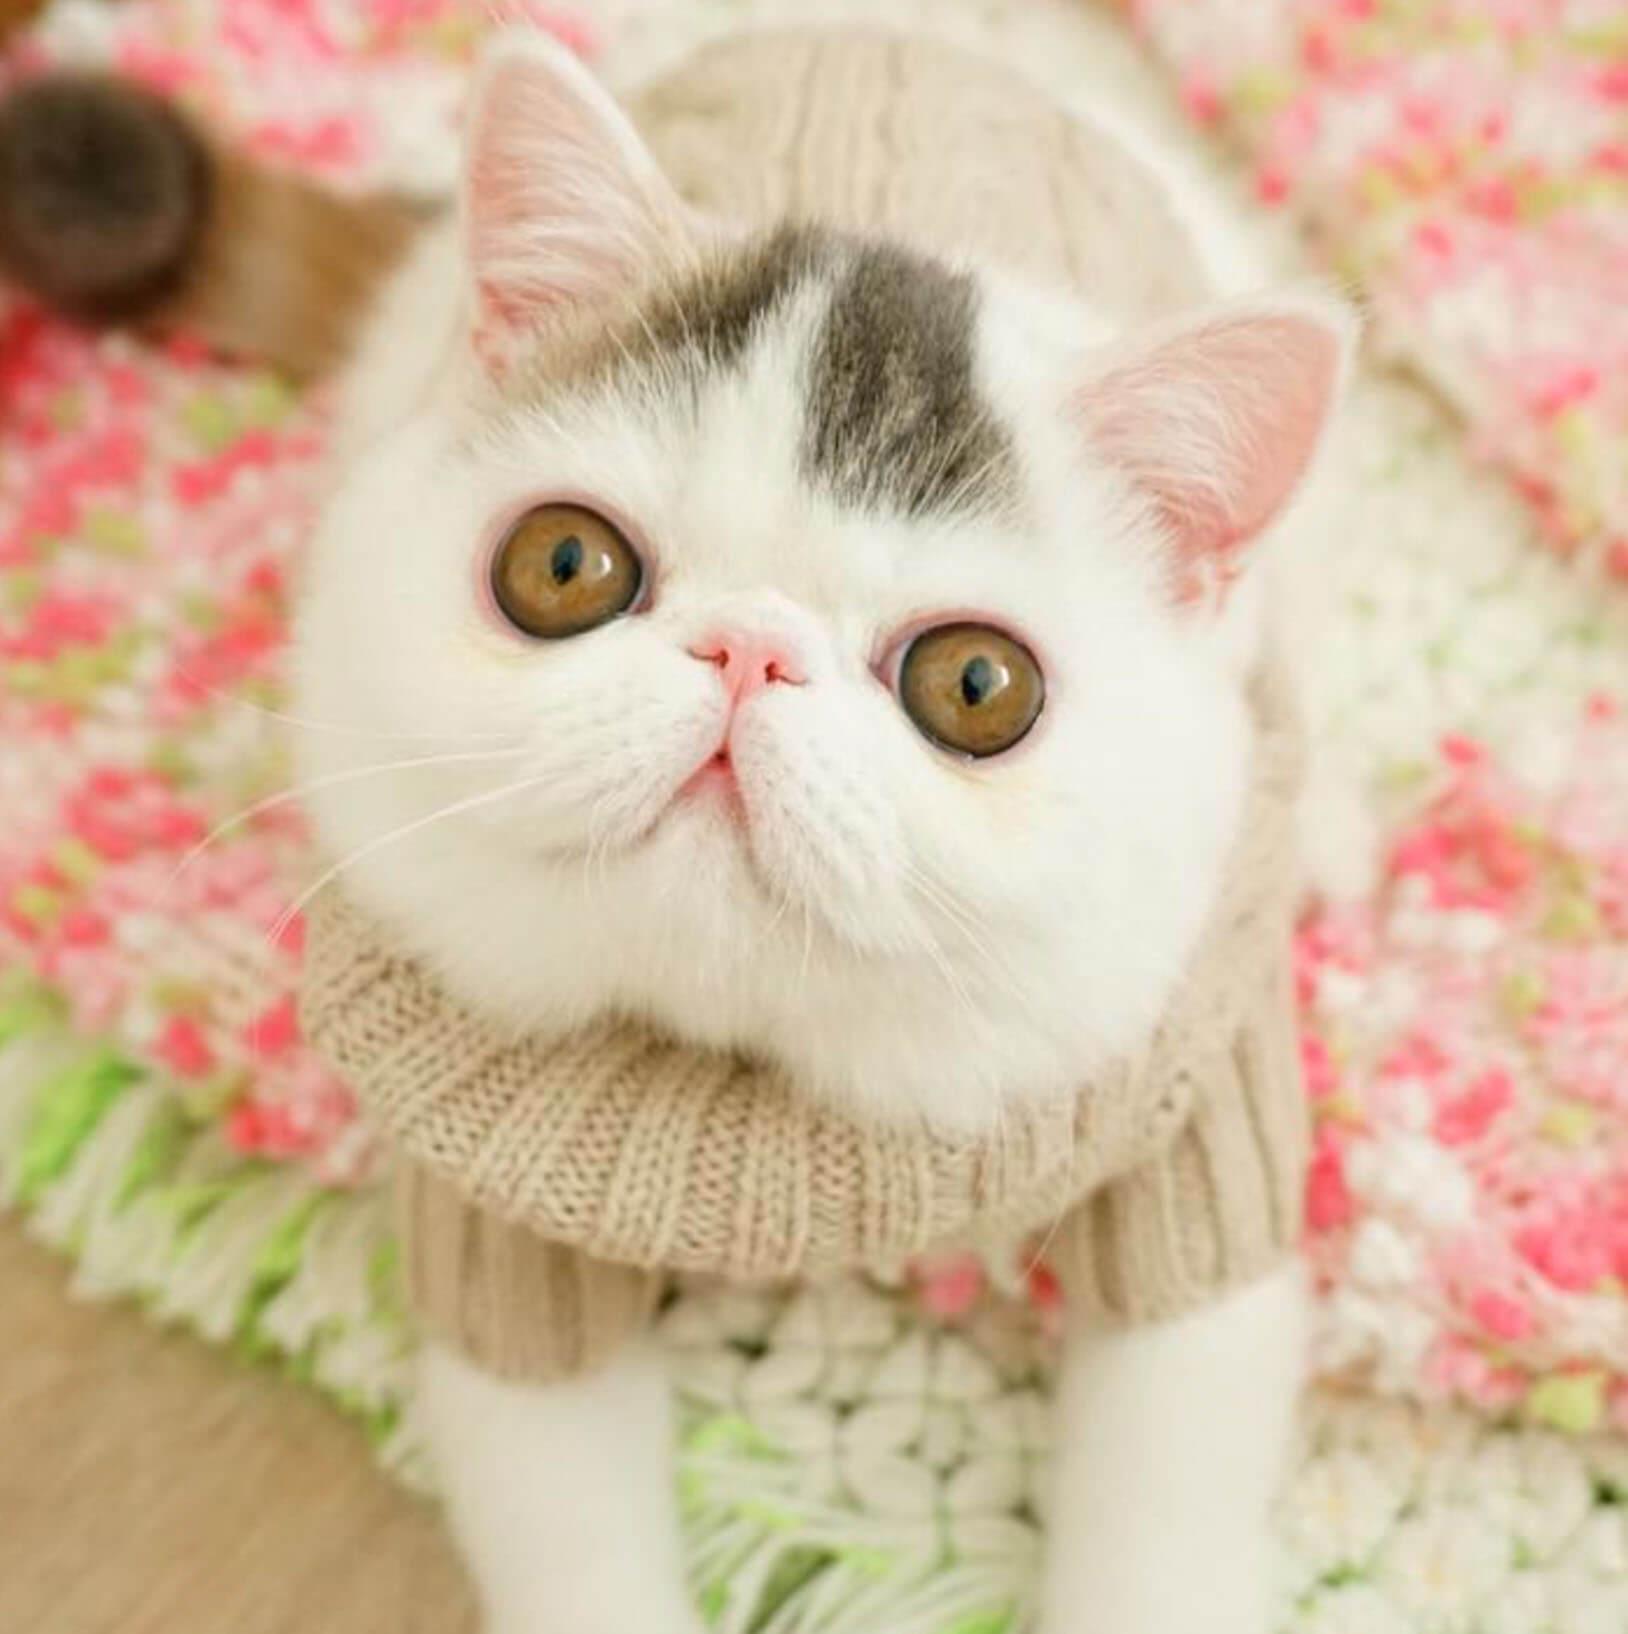 Подборка милых котов и кошек в картинках 6